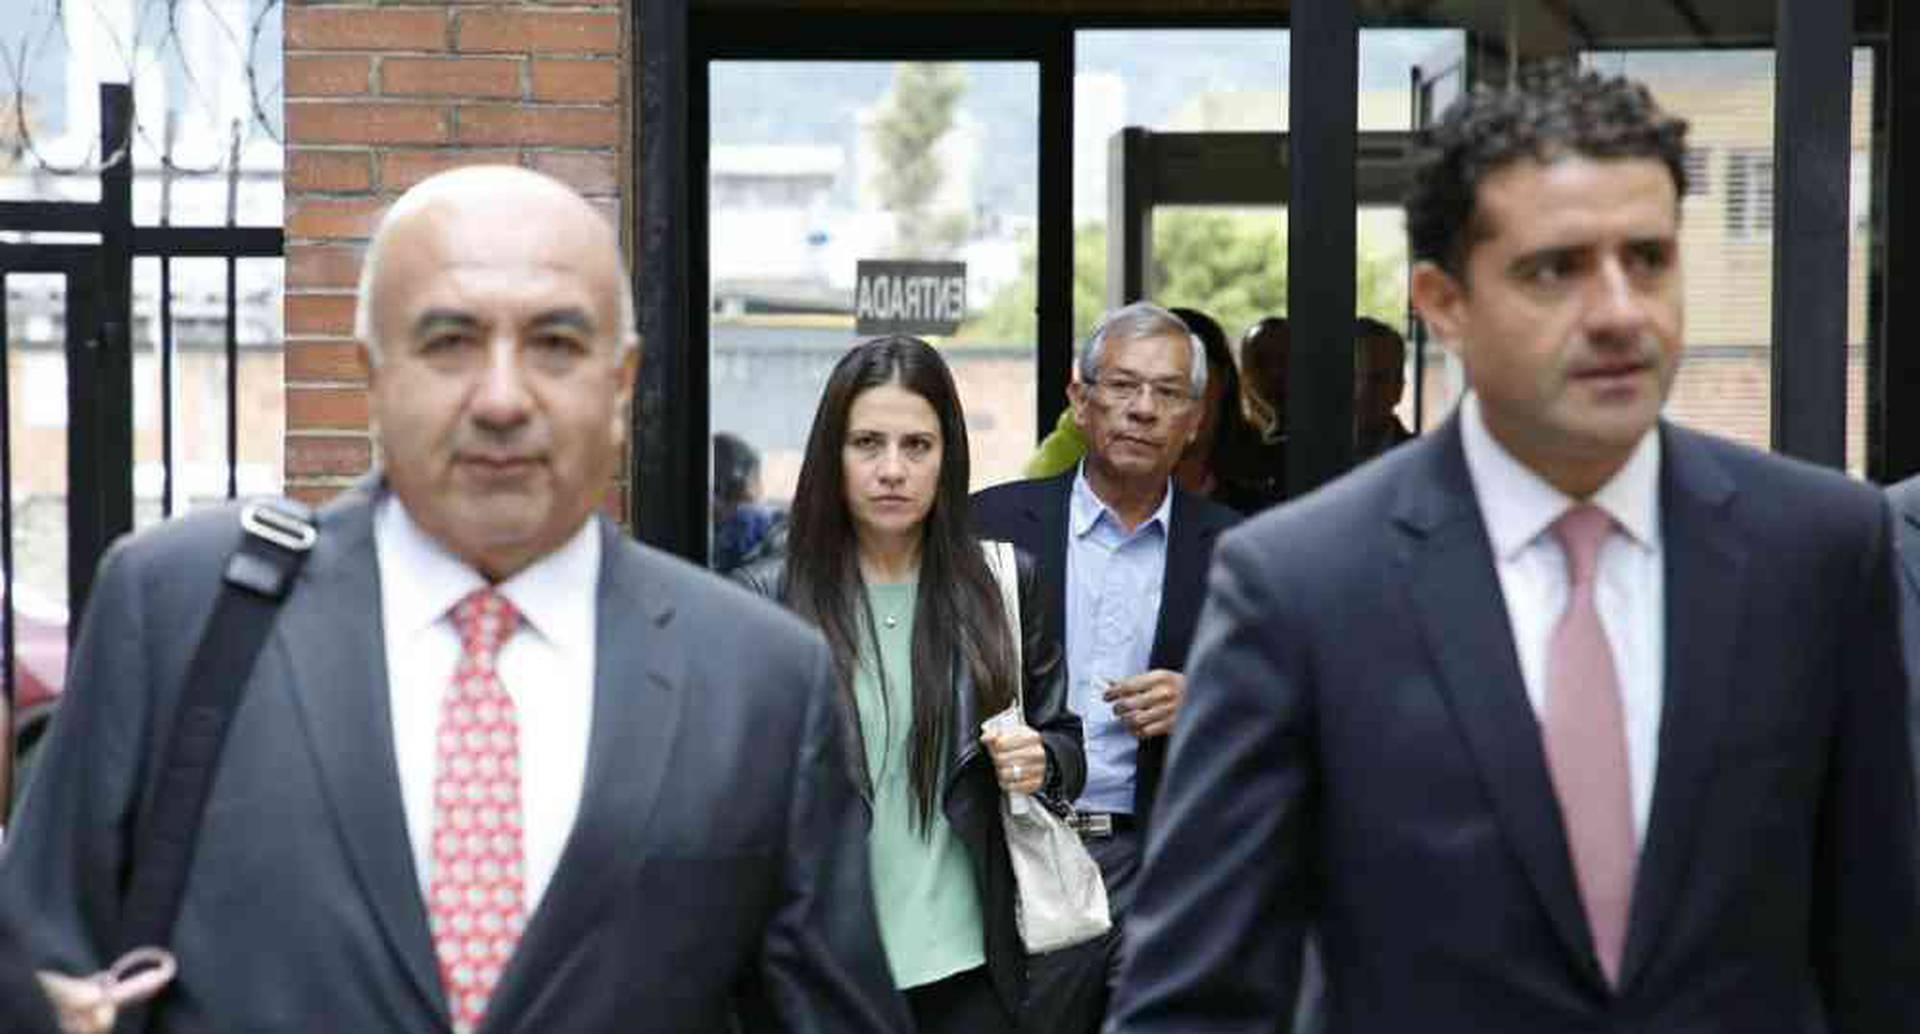 Sobre las 7 de la mañana, los Hermanos Uribe Noguera arribaron al Complejo Judicial de Paloquemao para conocer la decisión del juez. Foto: Guillermo Torres/SEMANA.